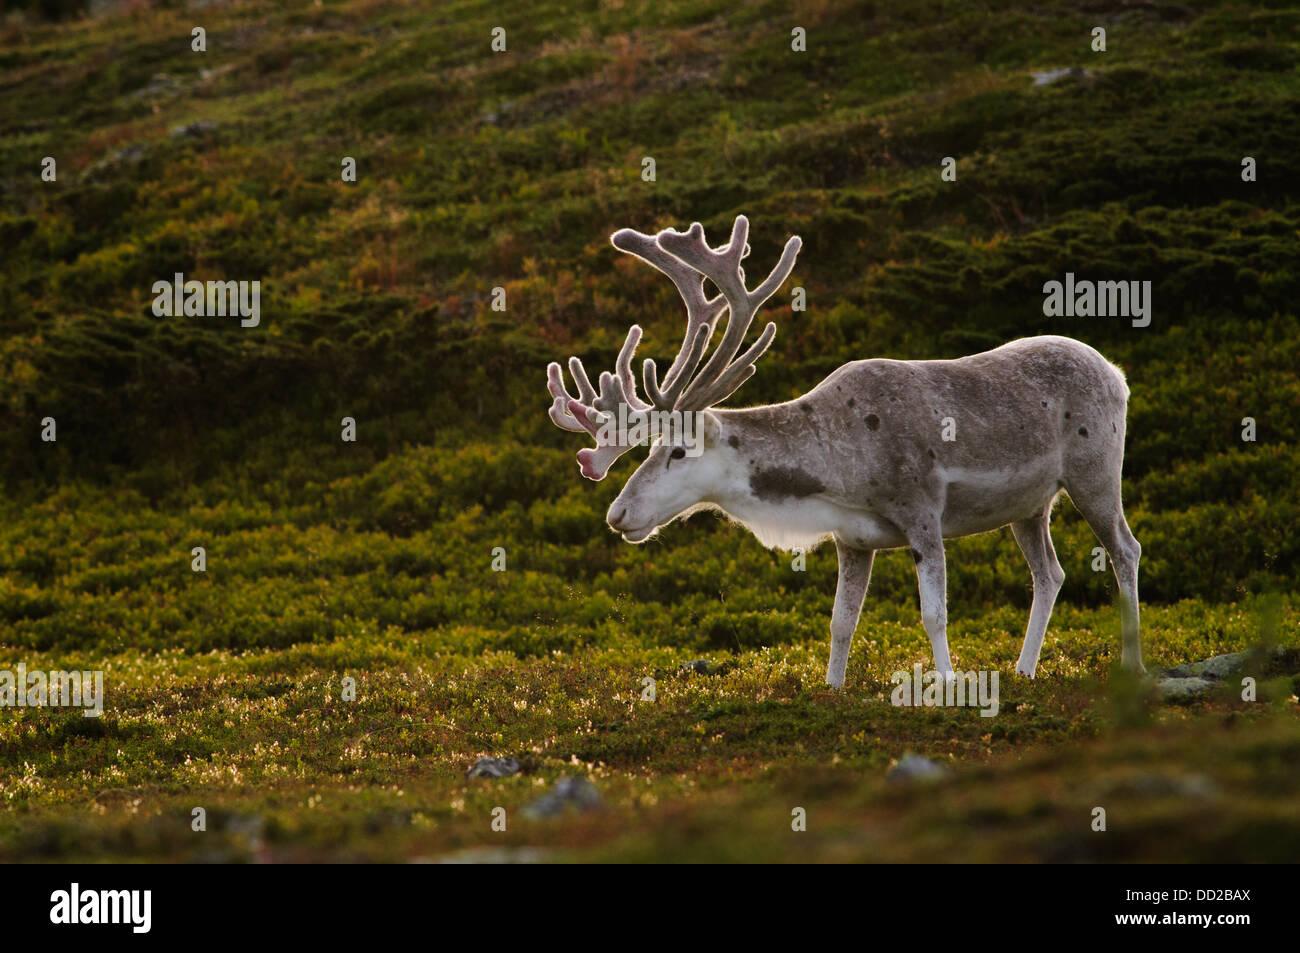 Weißen männlichen Rentier mit samt Geweih in Abend-Hintergrundbeleuchtung in Schwedisch-Lappland Stockbild